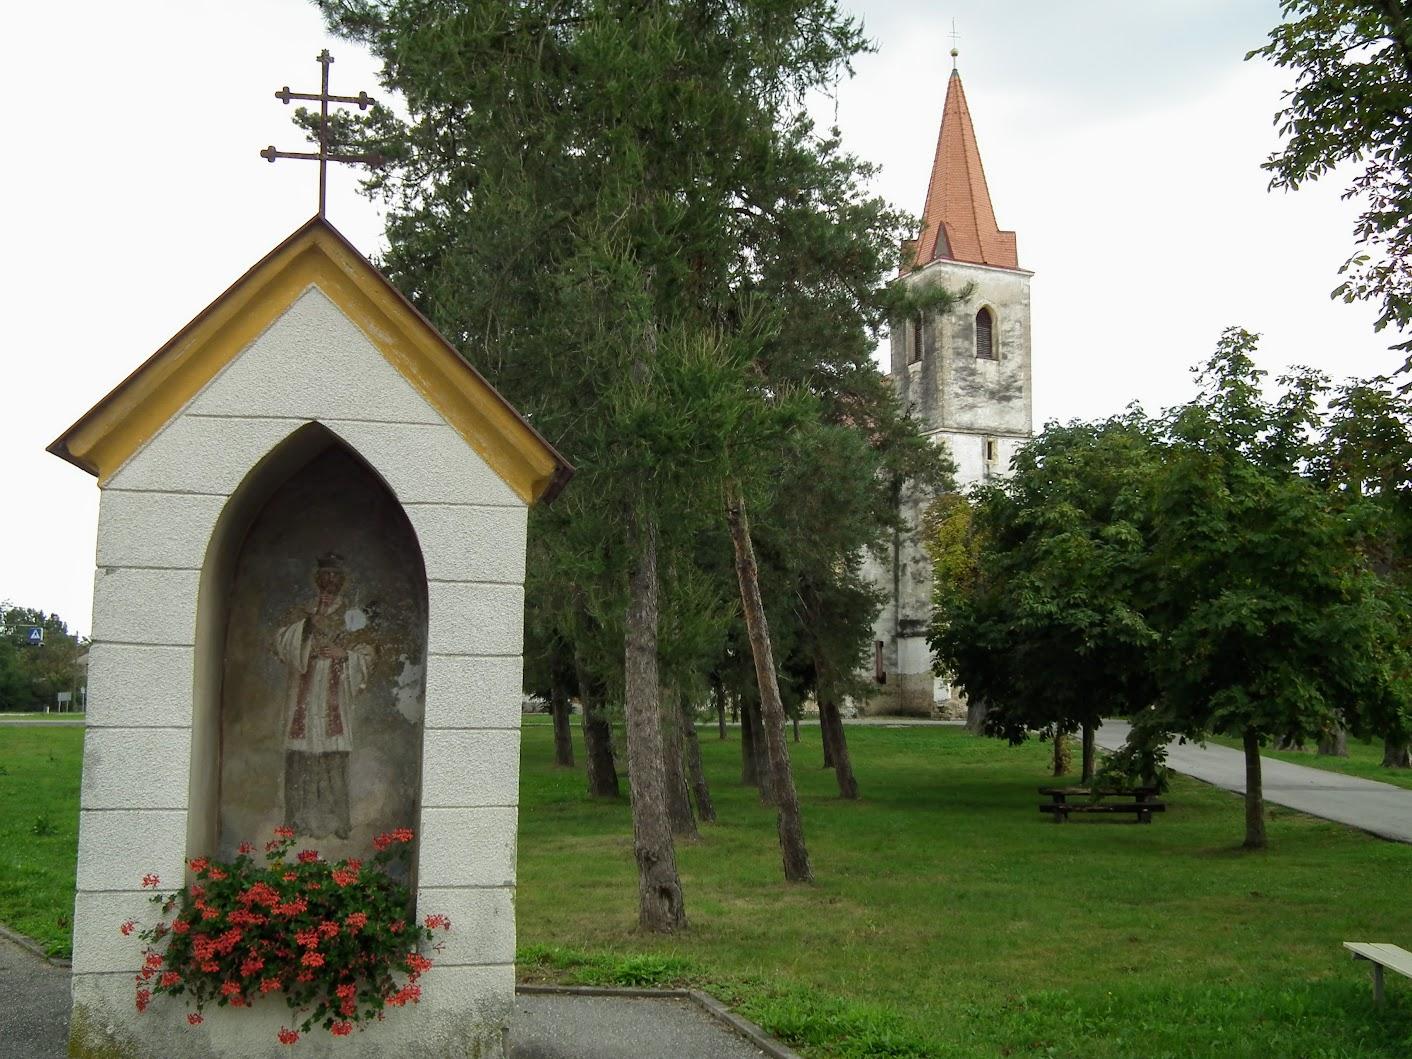 Tišina (Csendlak) - znamenje pri cerkvi (képoszlop a templomnál)